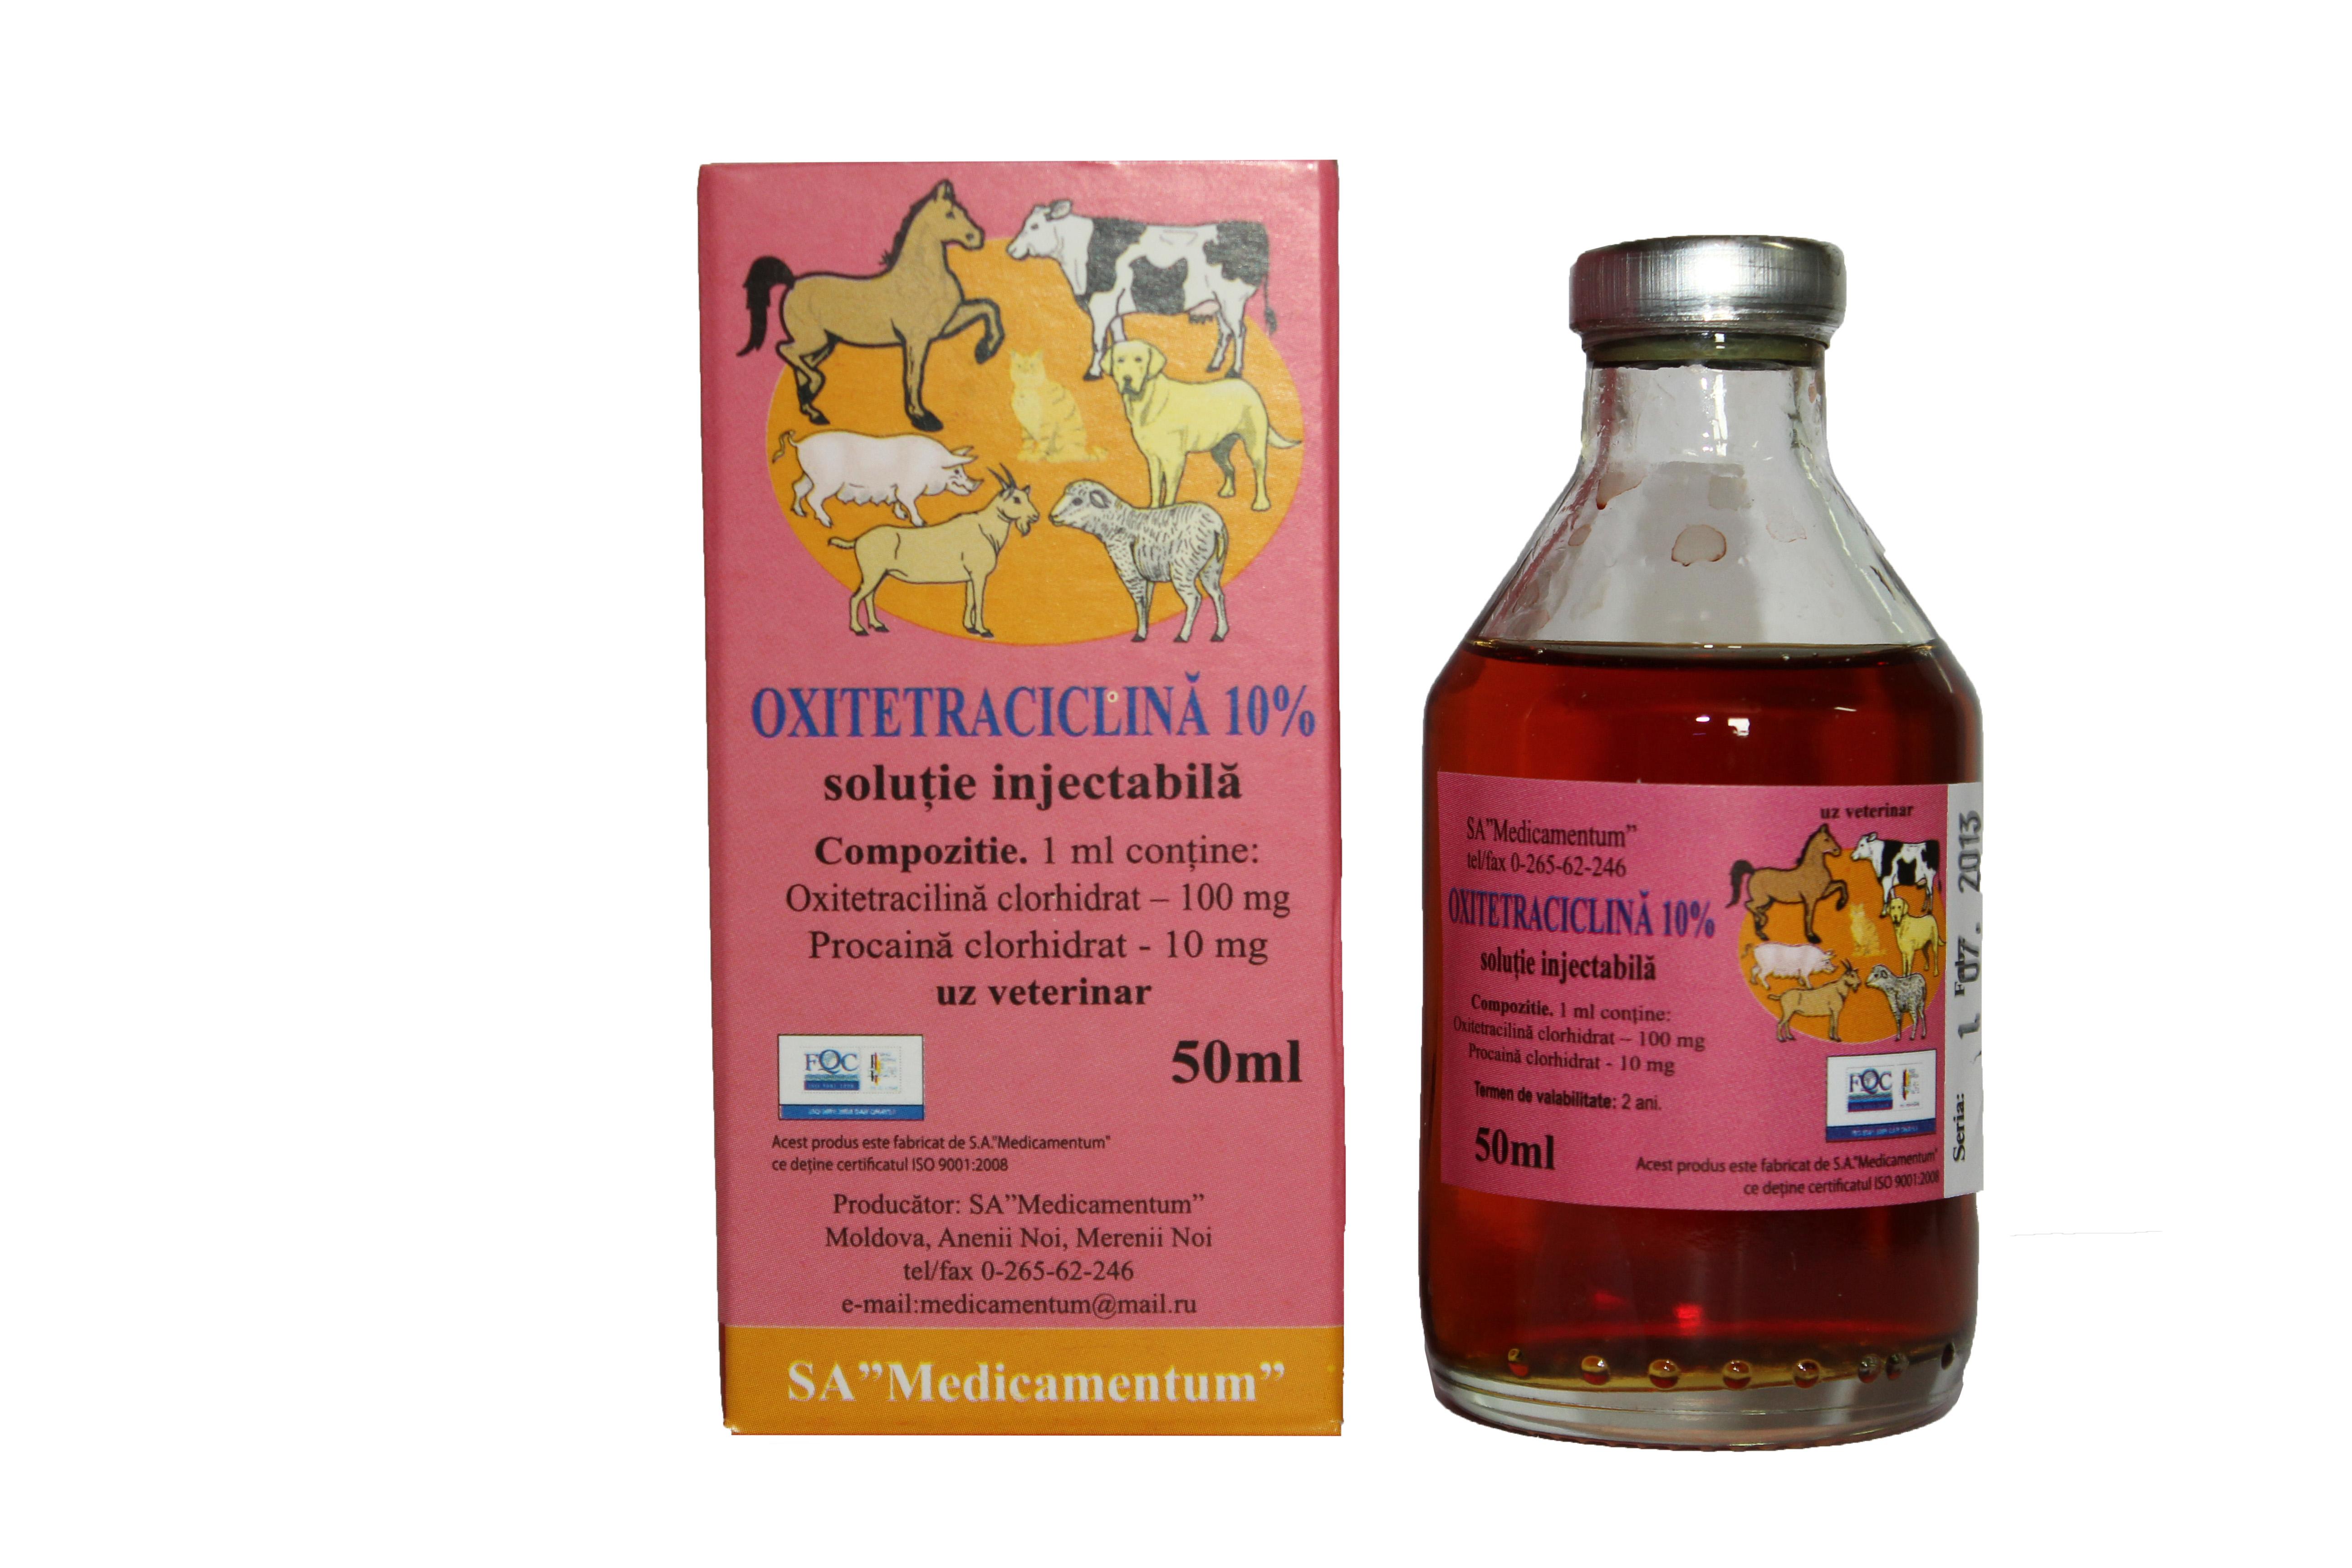 Окситетрациклин для животных, собак, кошек, крс, свиней, лошадей | инструкция по применению окситетрациклина в ветеринарии